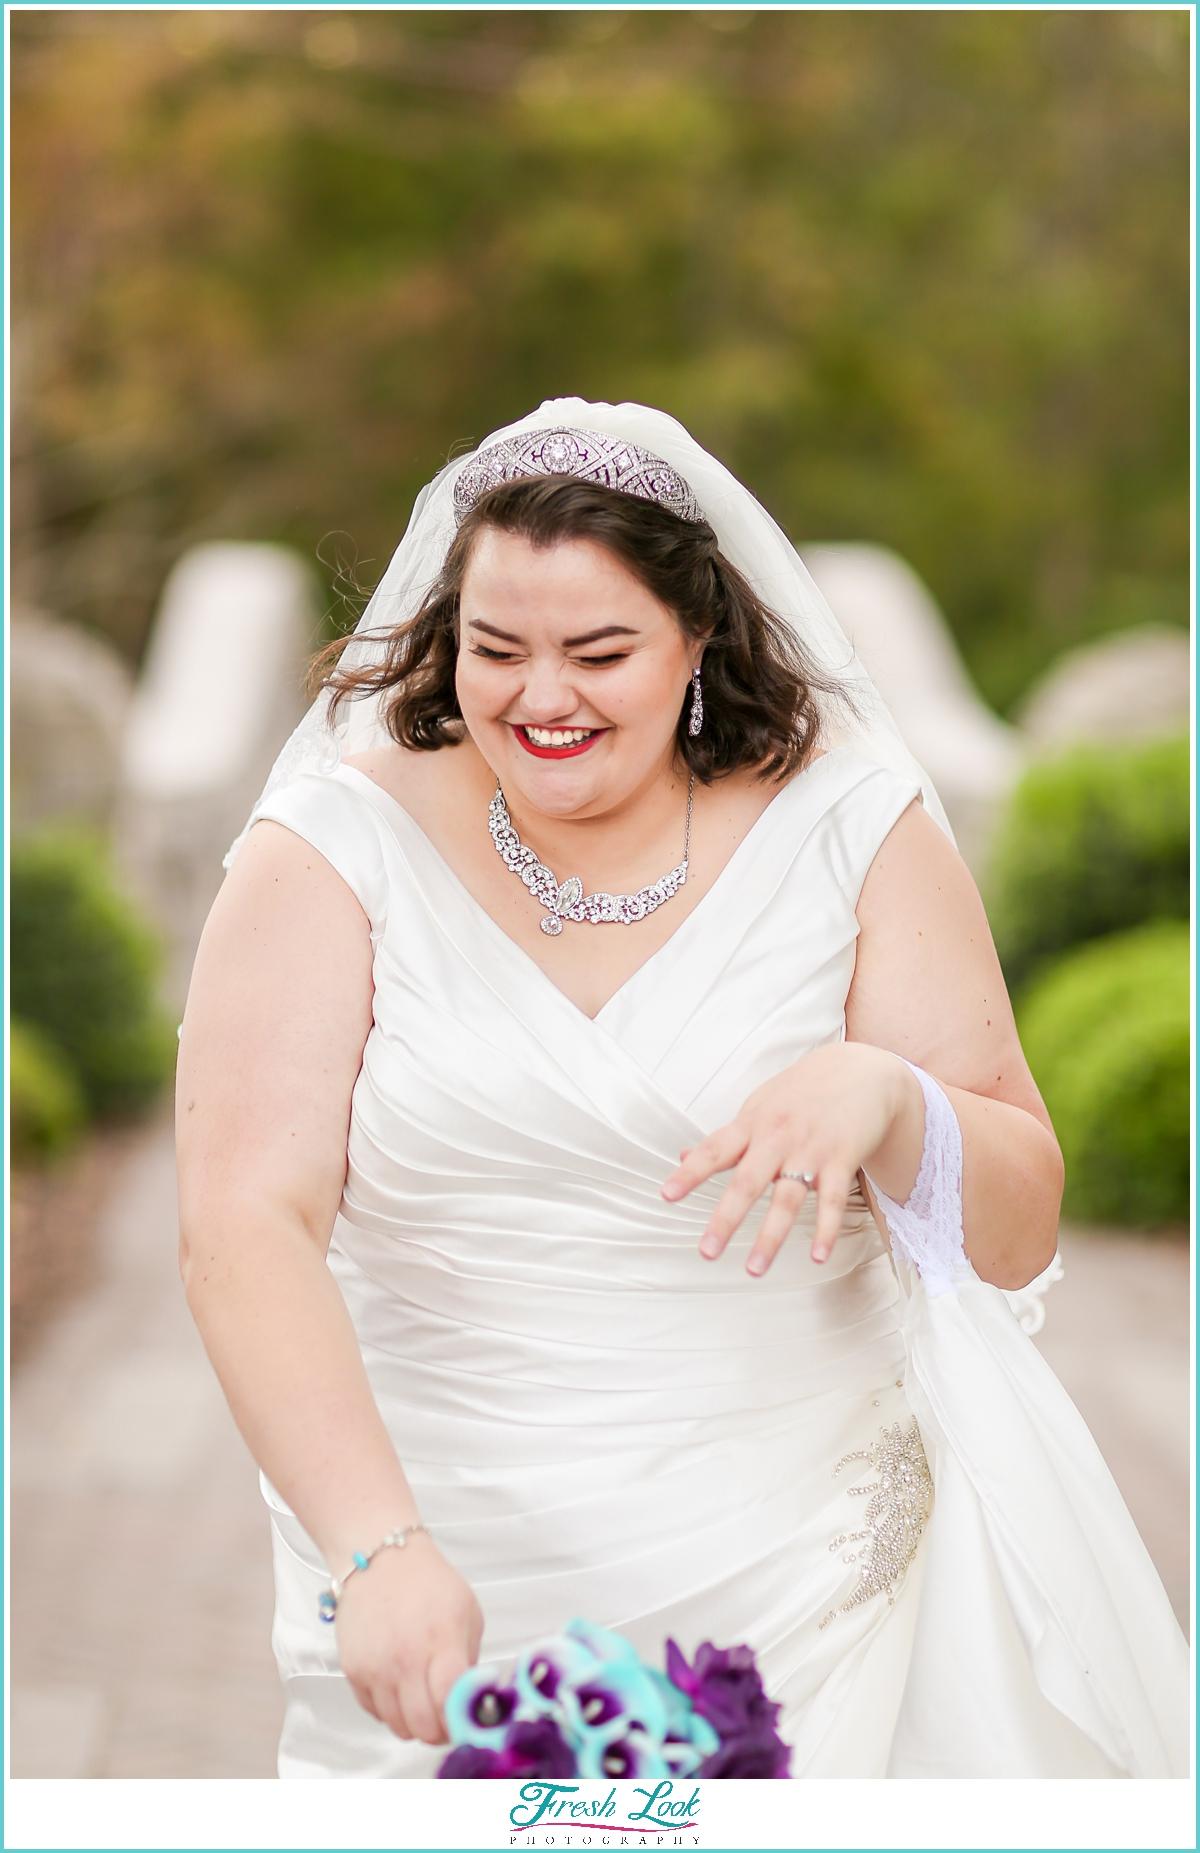 gorgeous plus size bride photoshoot